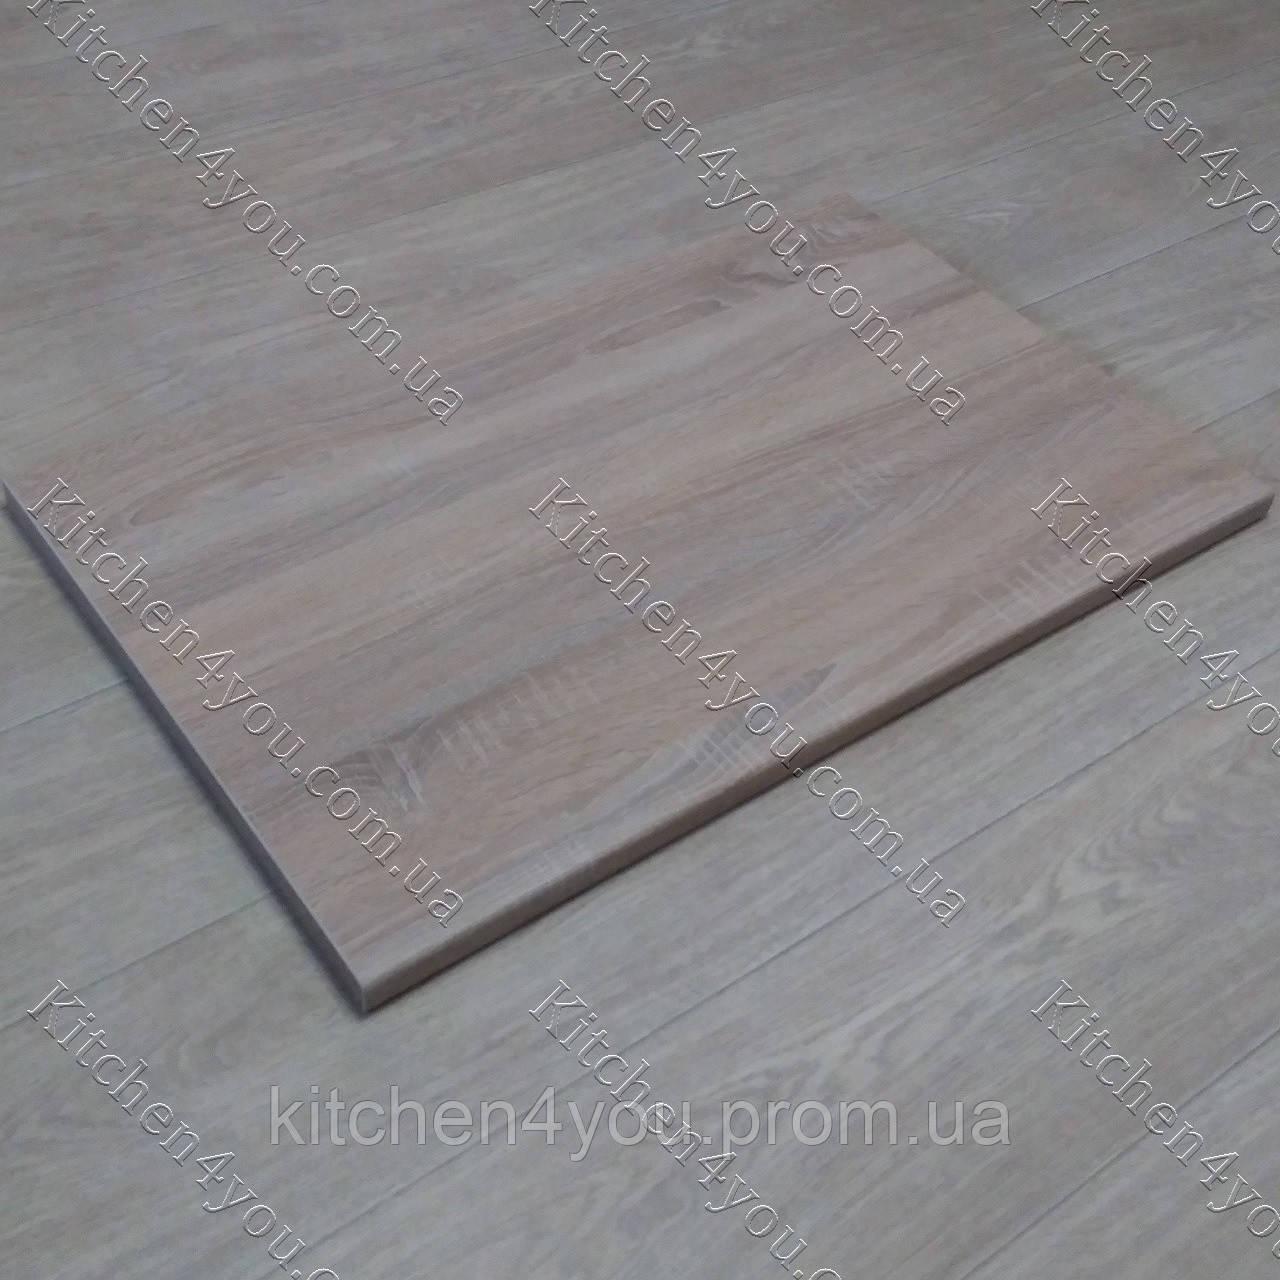 Столешница 800х500х28 мм. для откидного столика D-3025 WL дуб сонома